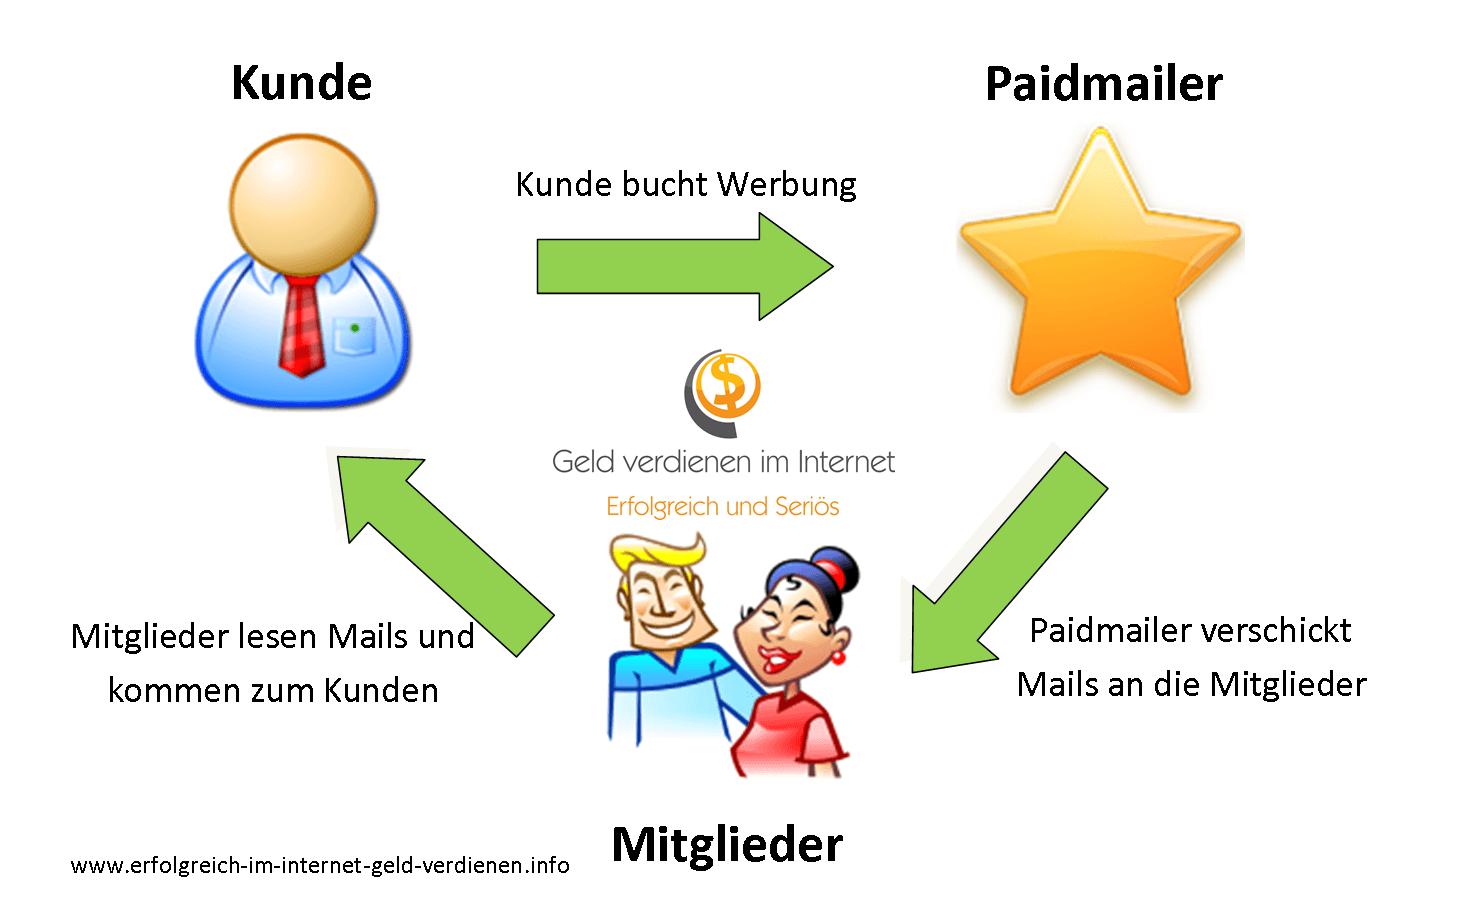 Wie funktionieren Paidmailer -Geld verdienen im Internet